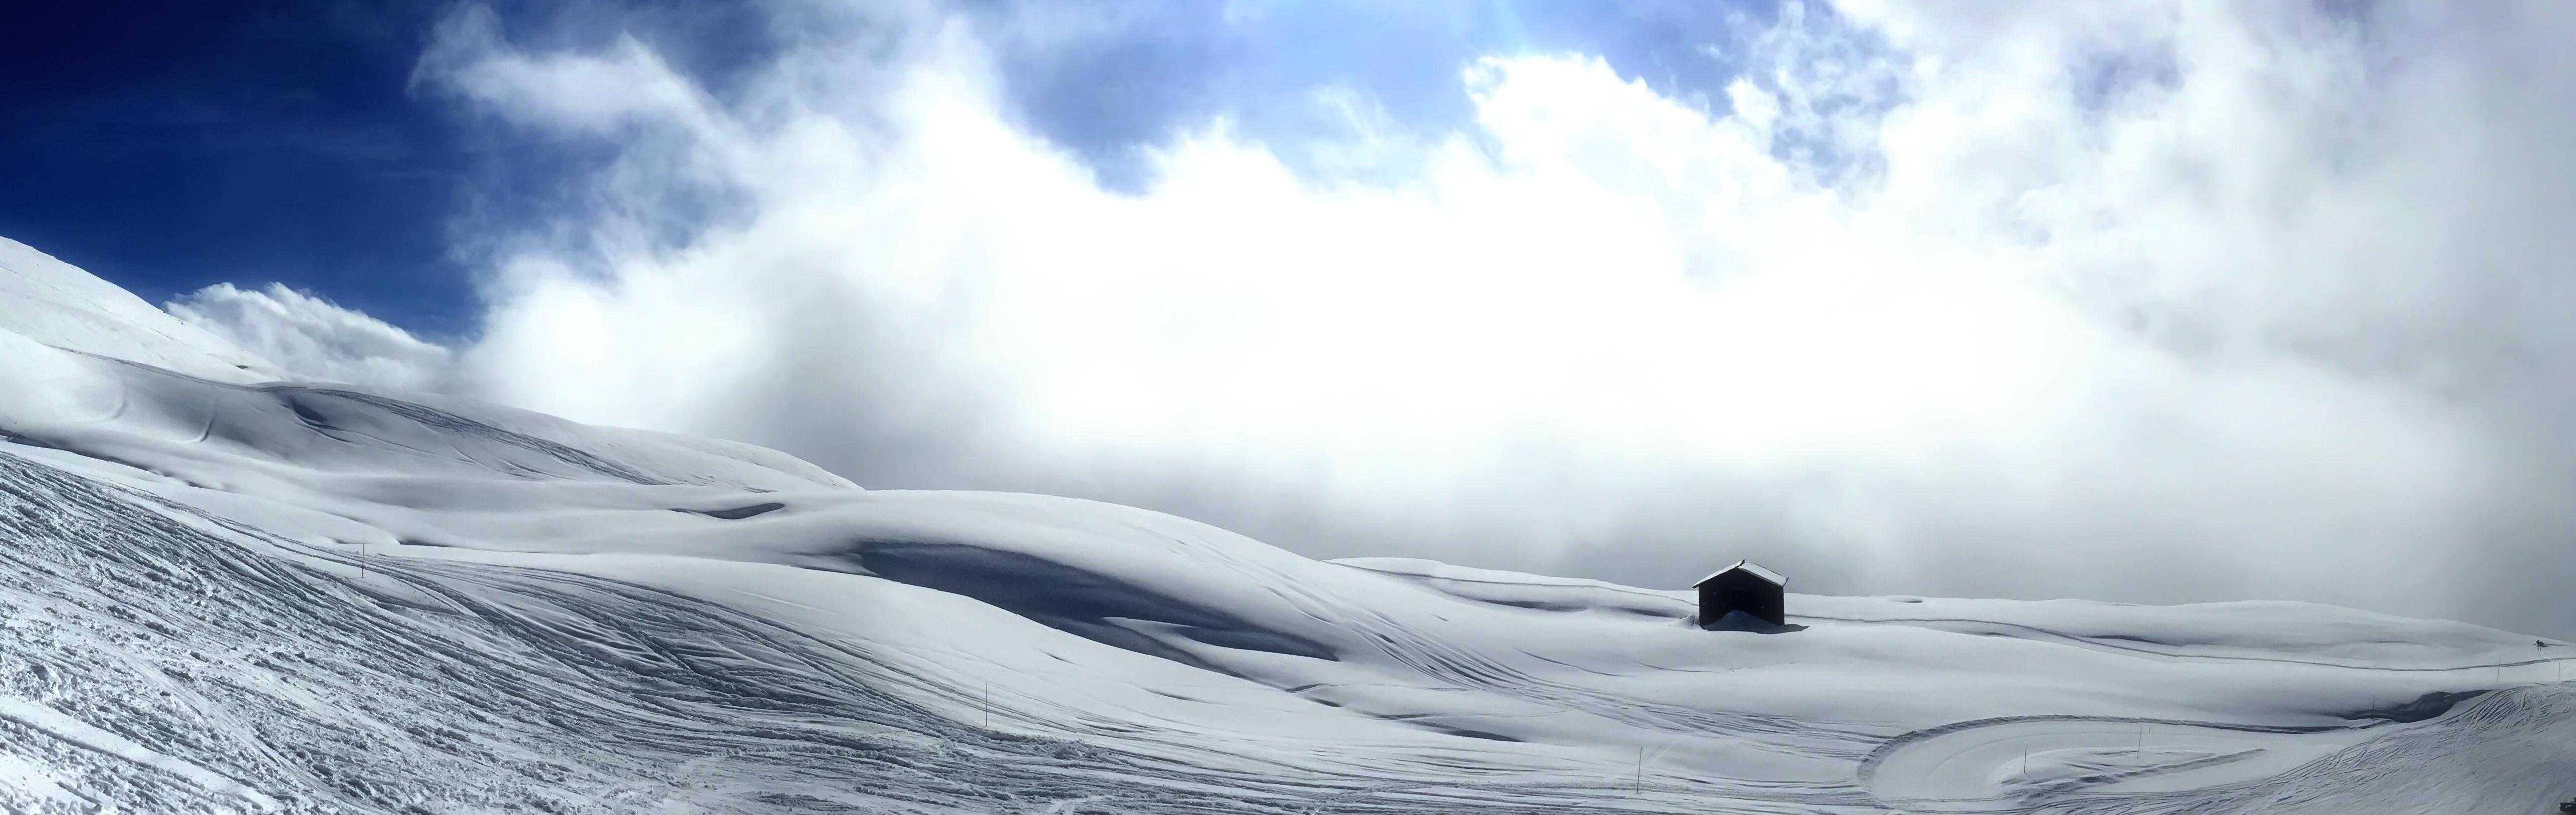 デスクトップ壁紙 空 雪 冬 氷 フランス Iphone 北極 凍結